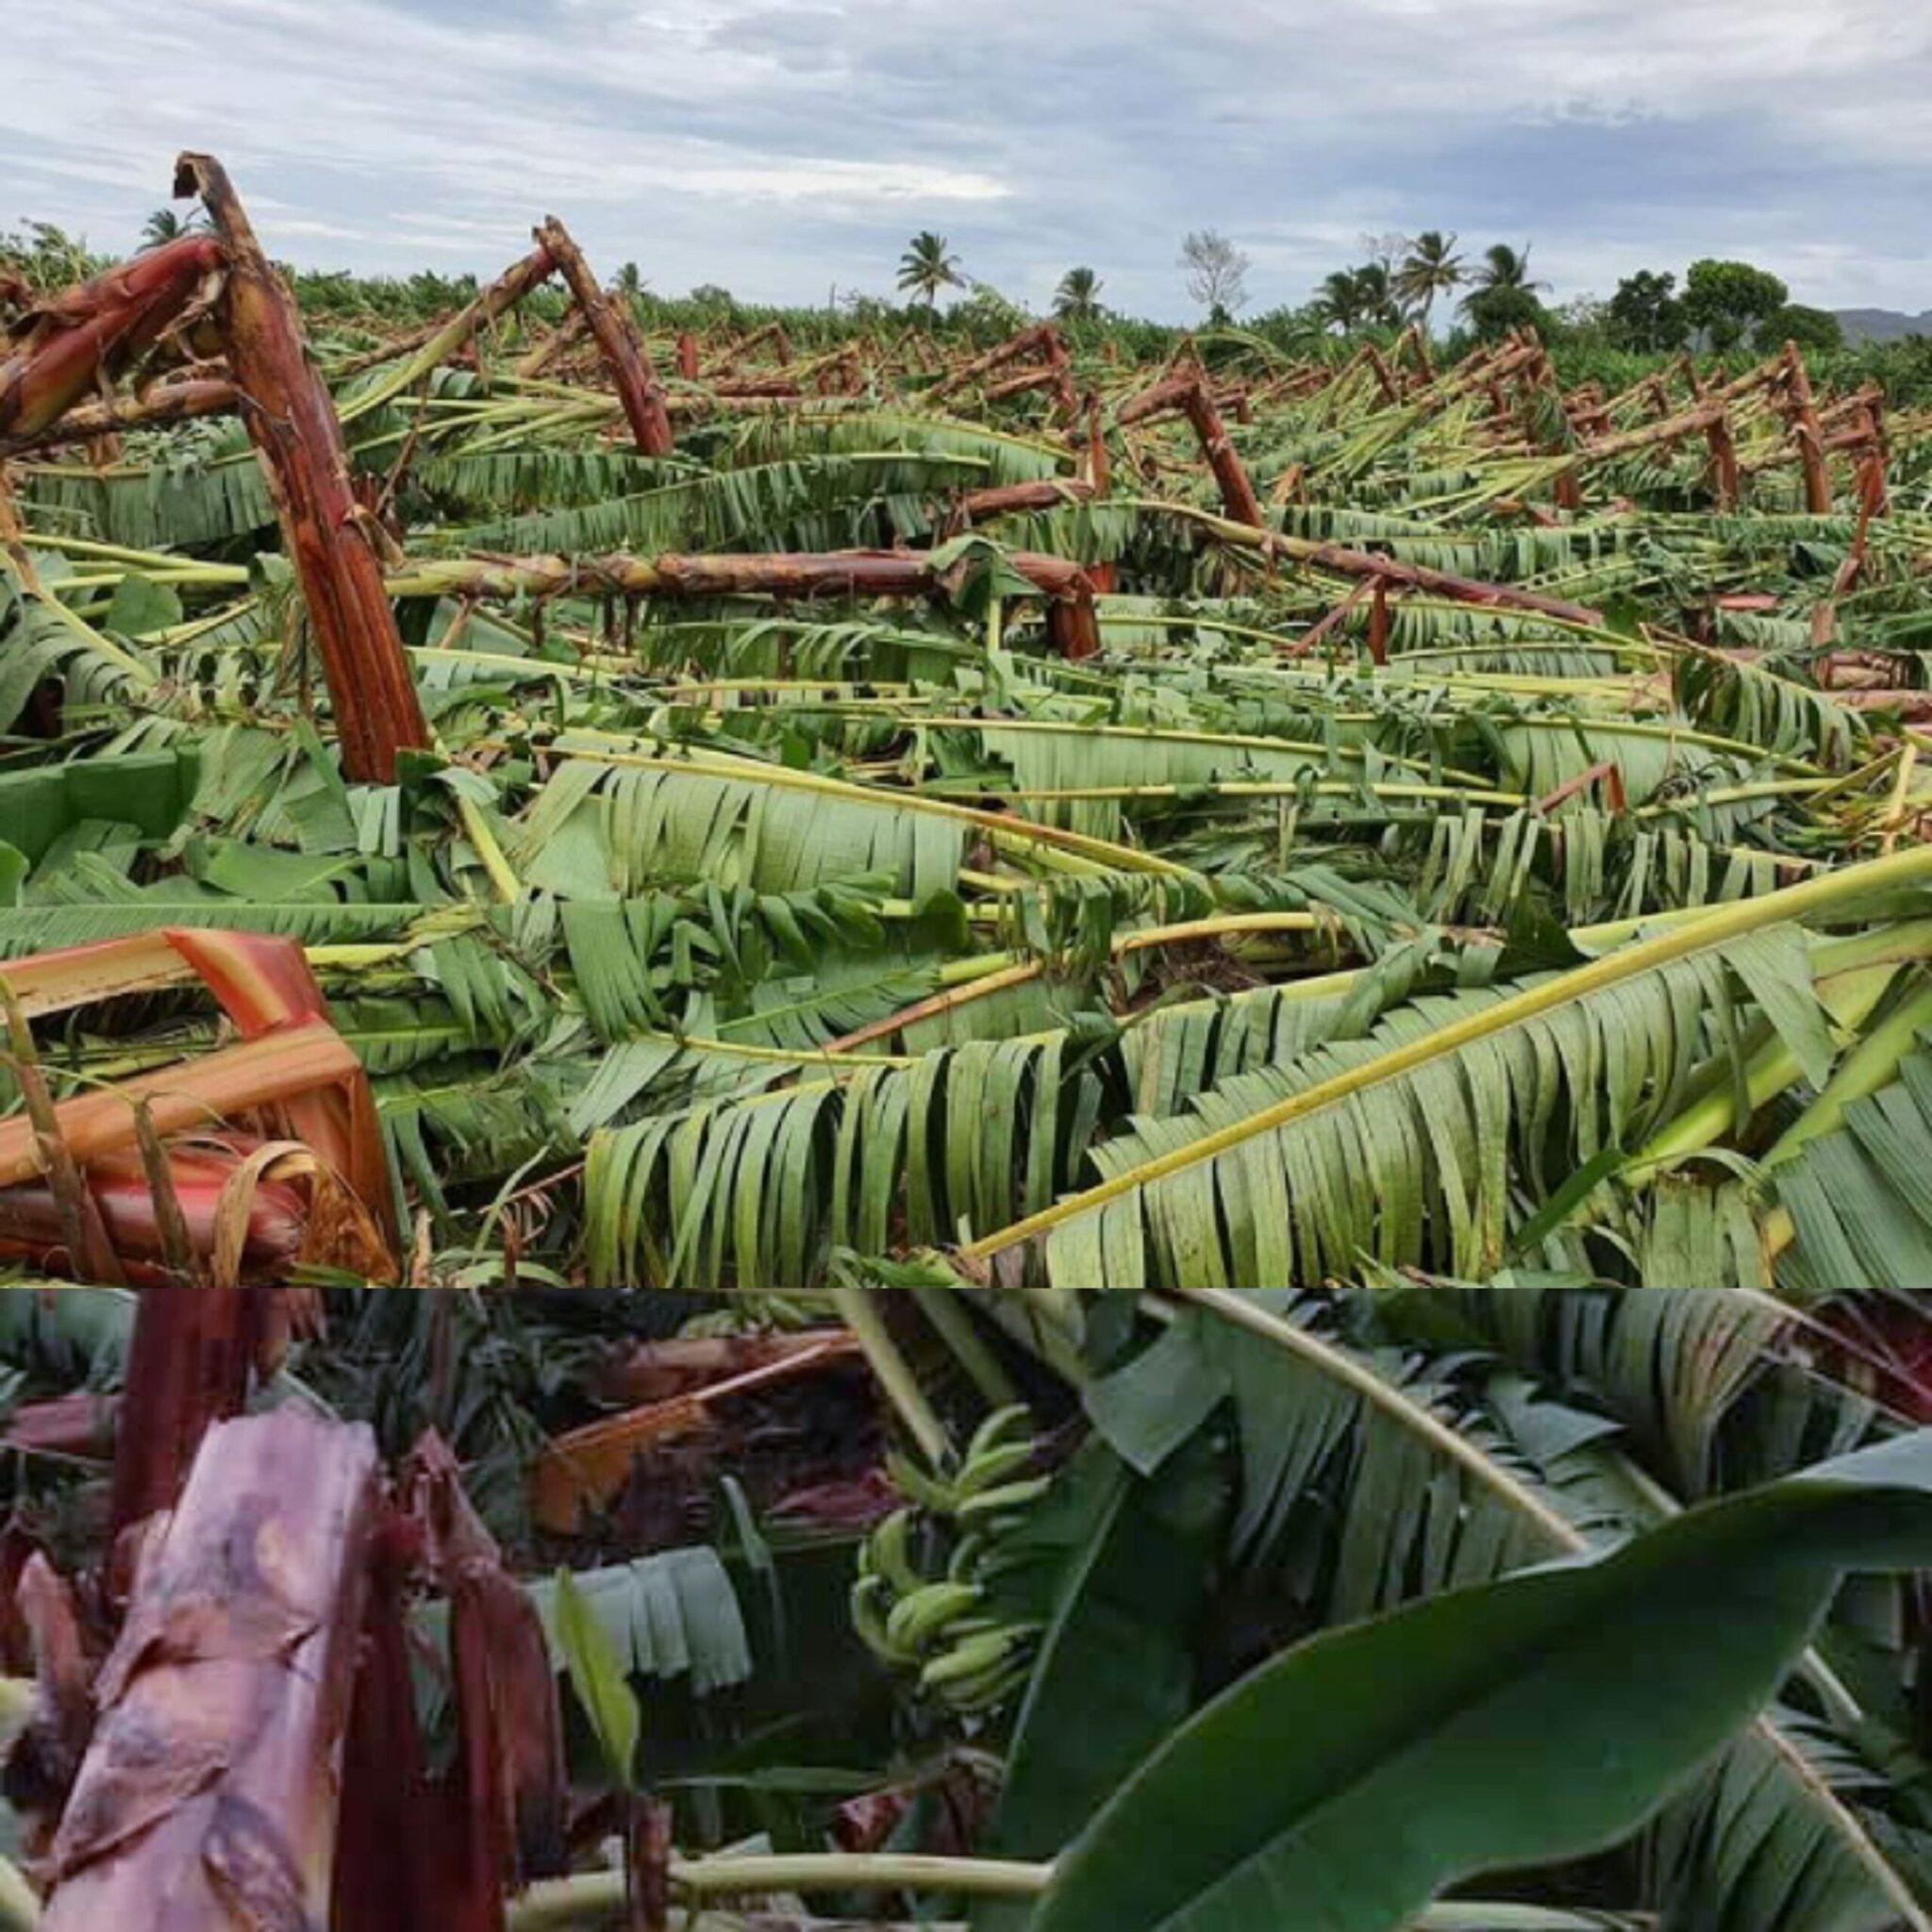 Vientos de tormenta Isaías causaron daños millonarios a producción agrícola en Puerto Plata